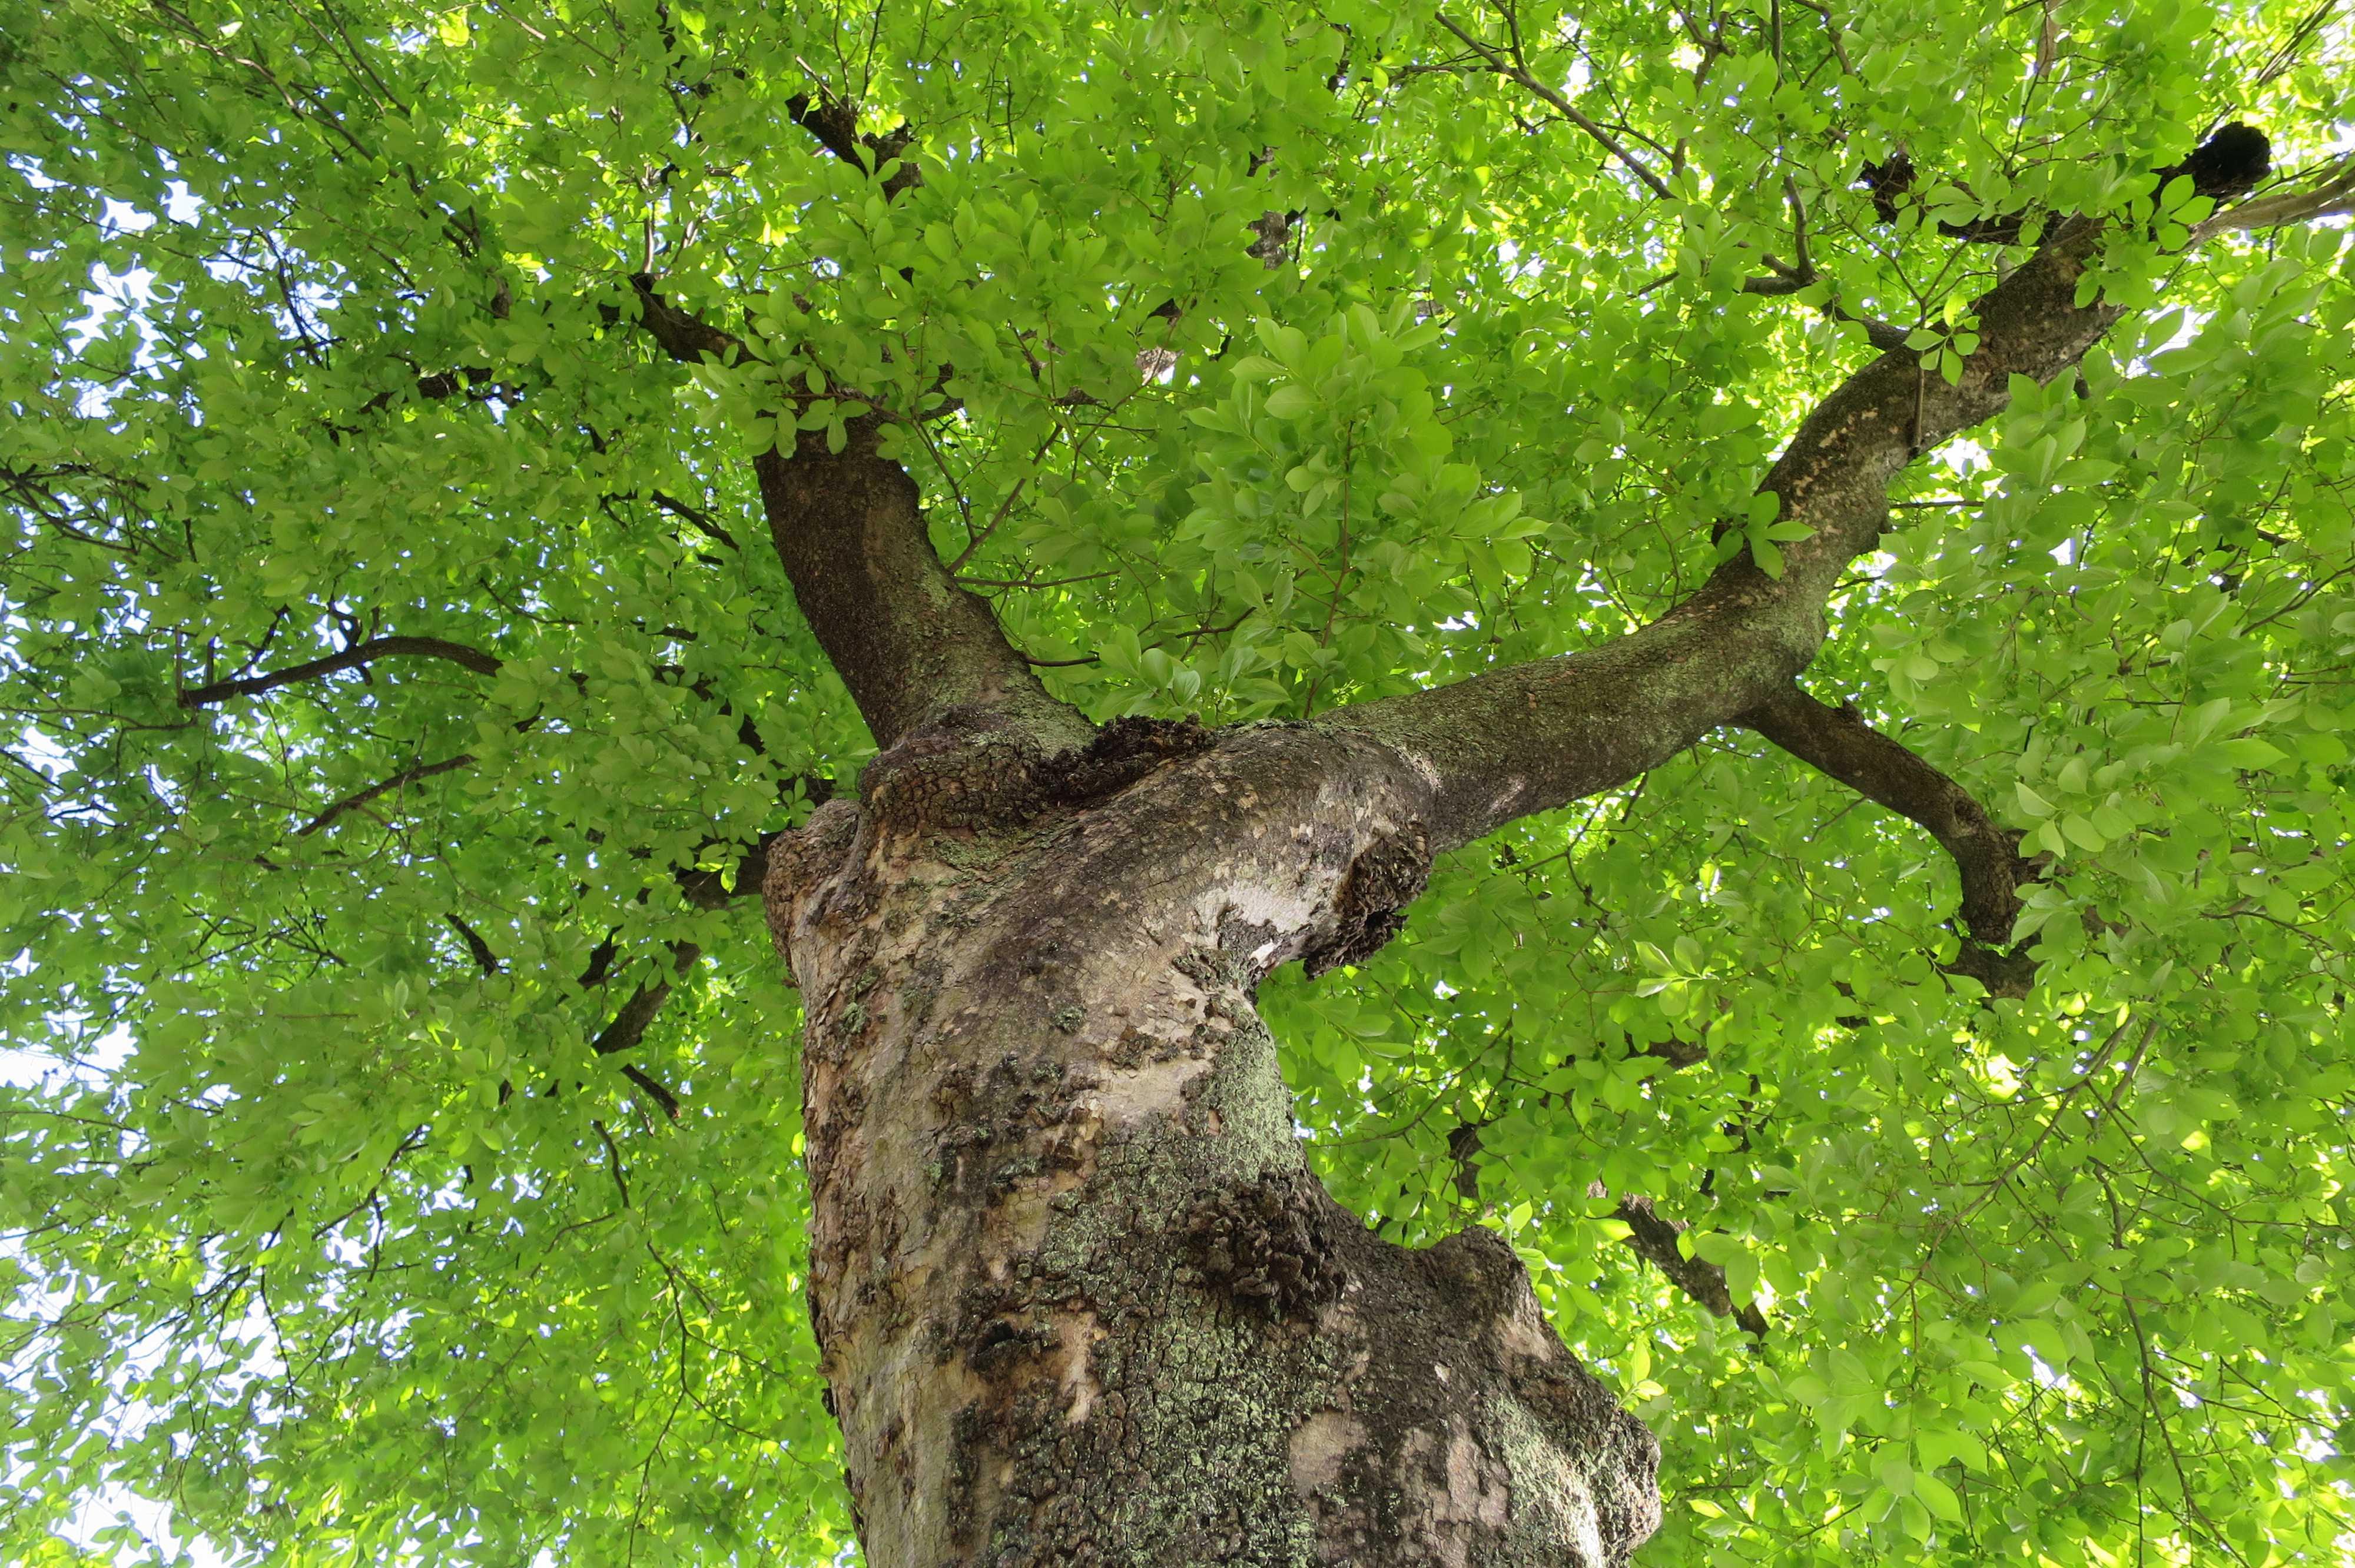 国登録記念物の民家の柿の木 - 麻生区岡上の民家にある禅寺丸柿の古木